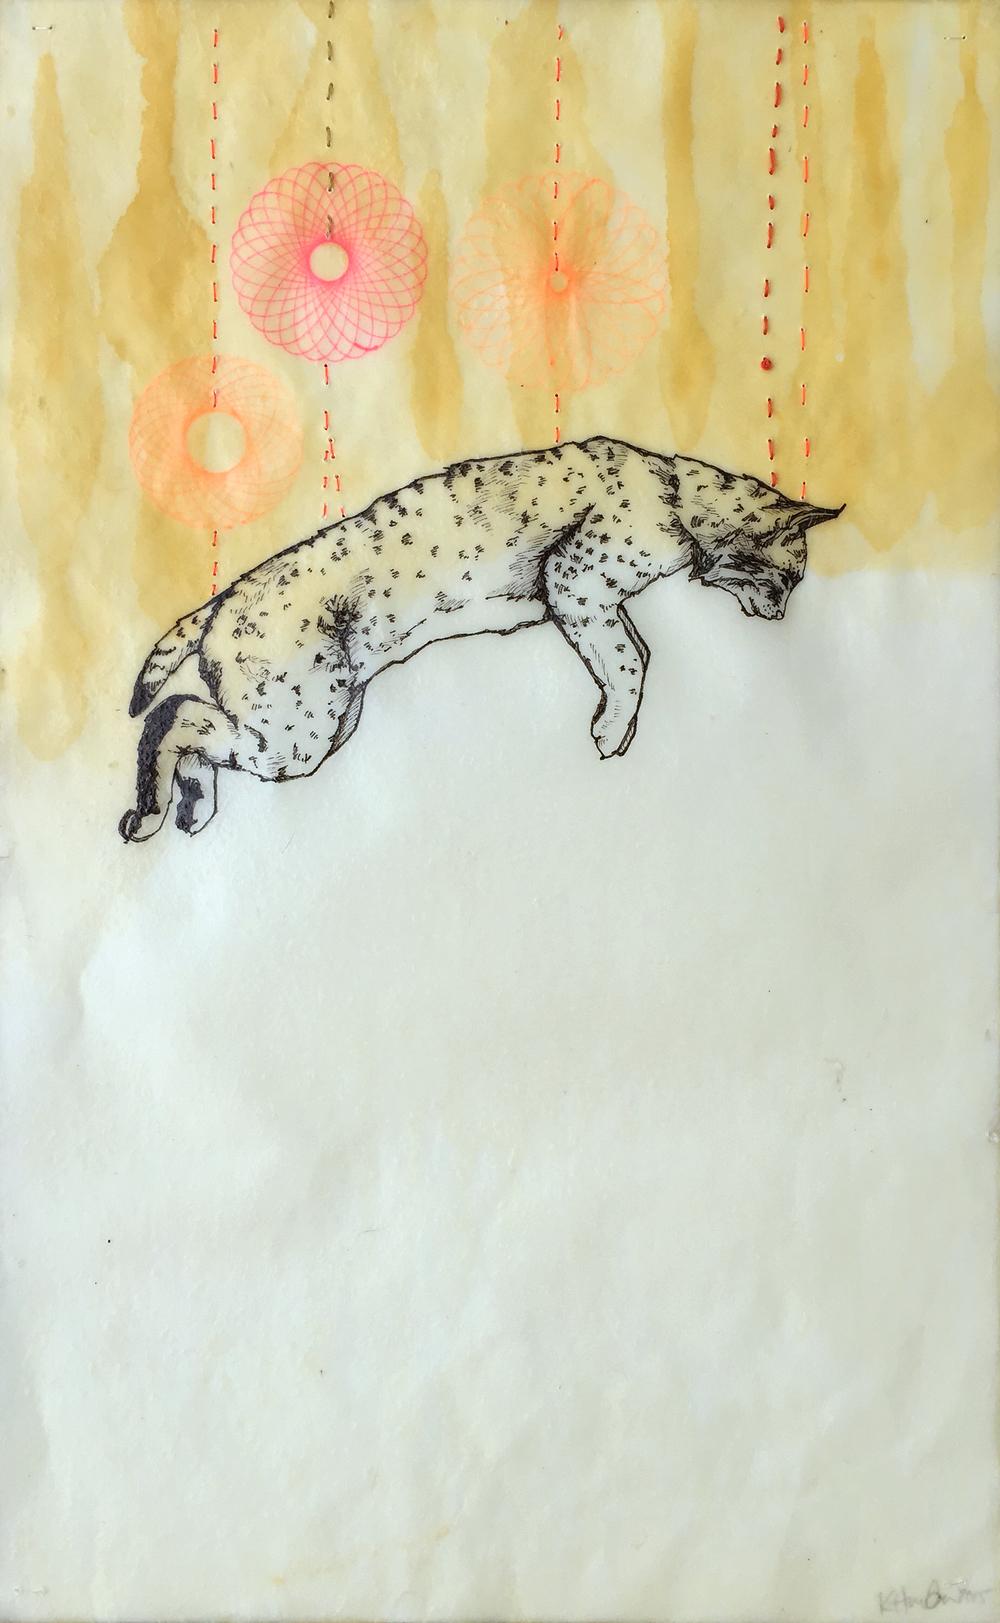 khunter-suspended-bobcat.jpg